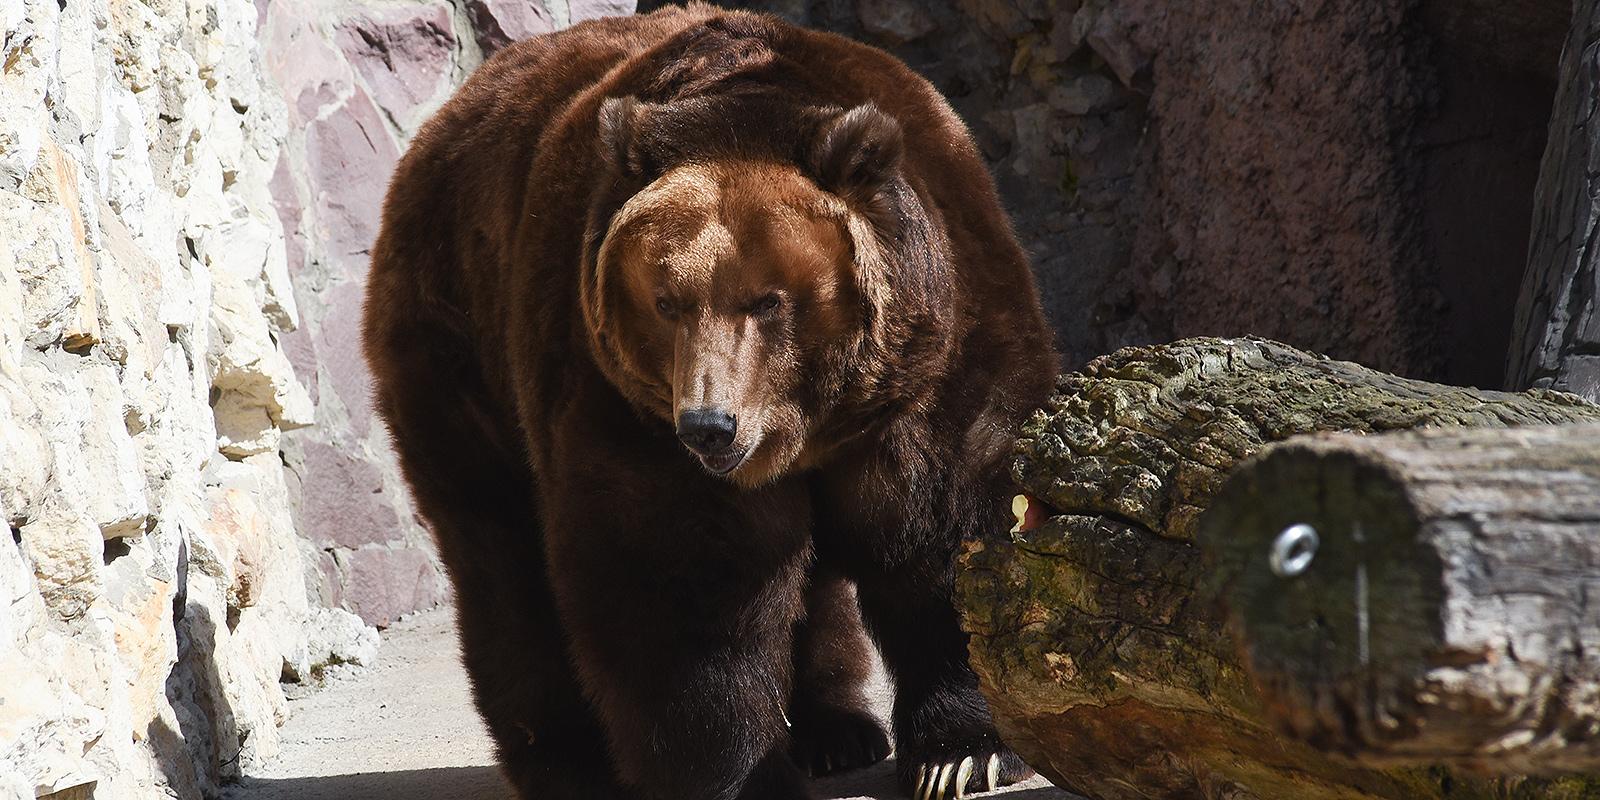 Трансляция из берлоги: как медведи погружаются в спячку